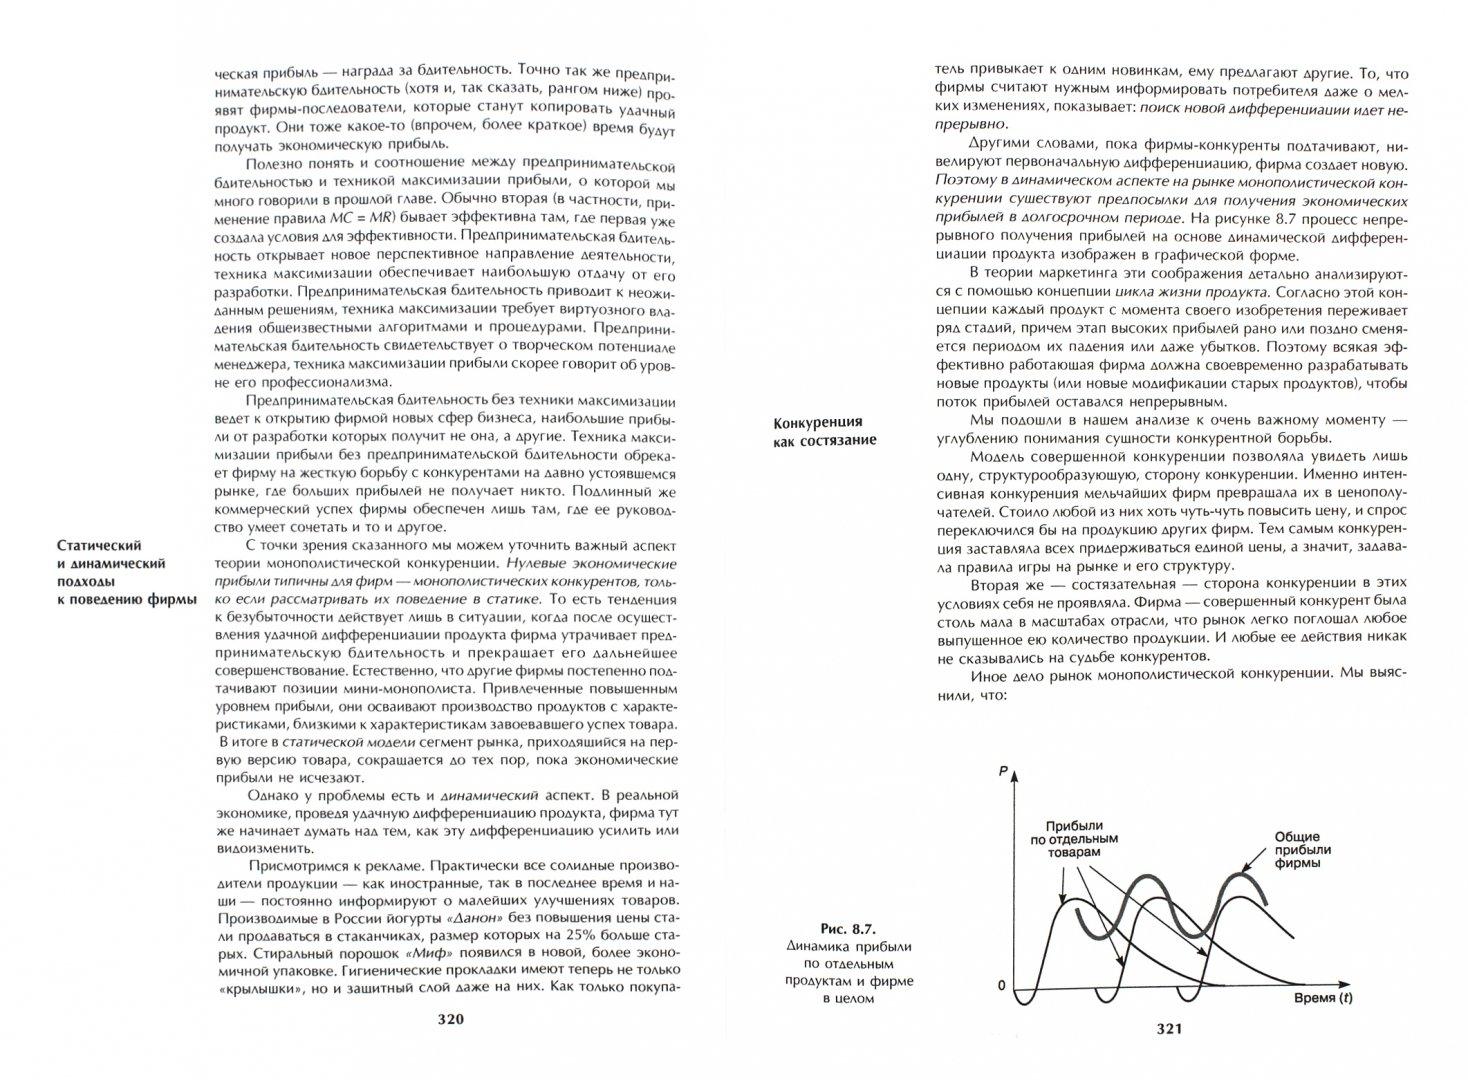 Иллюстрация 1 из 16 для Микроэкономика. Практический подход. Managerial Economics. Учебник - Андрей Юданов   Лабиринт - книги. Источник: Лабиринт